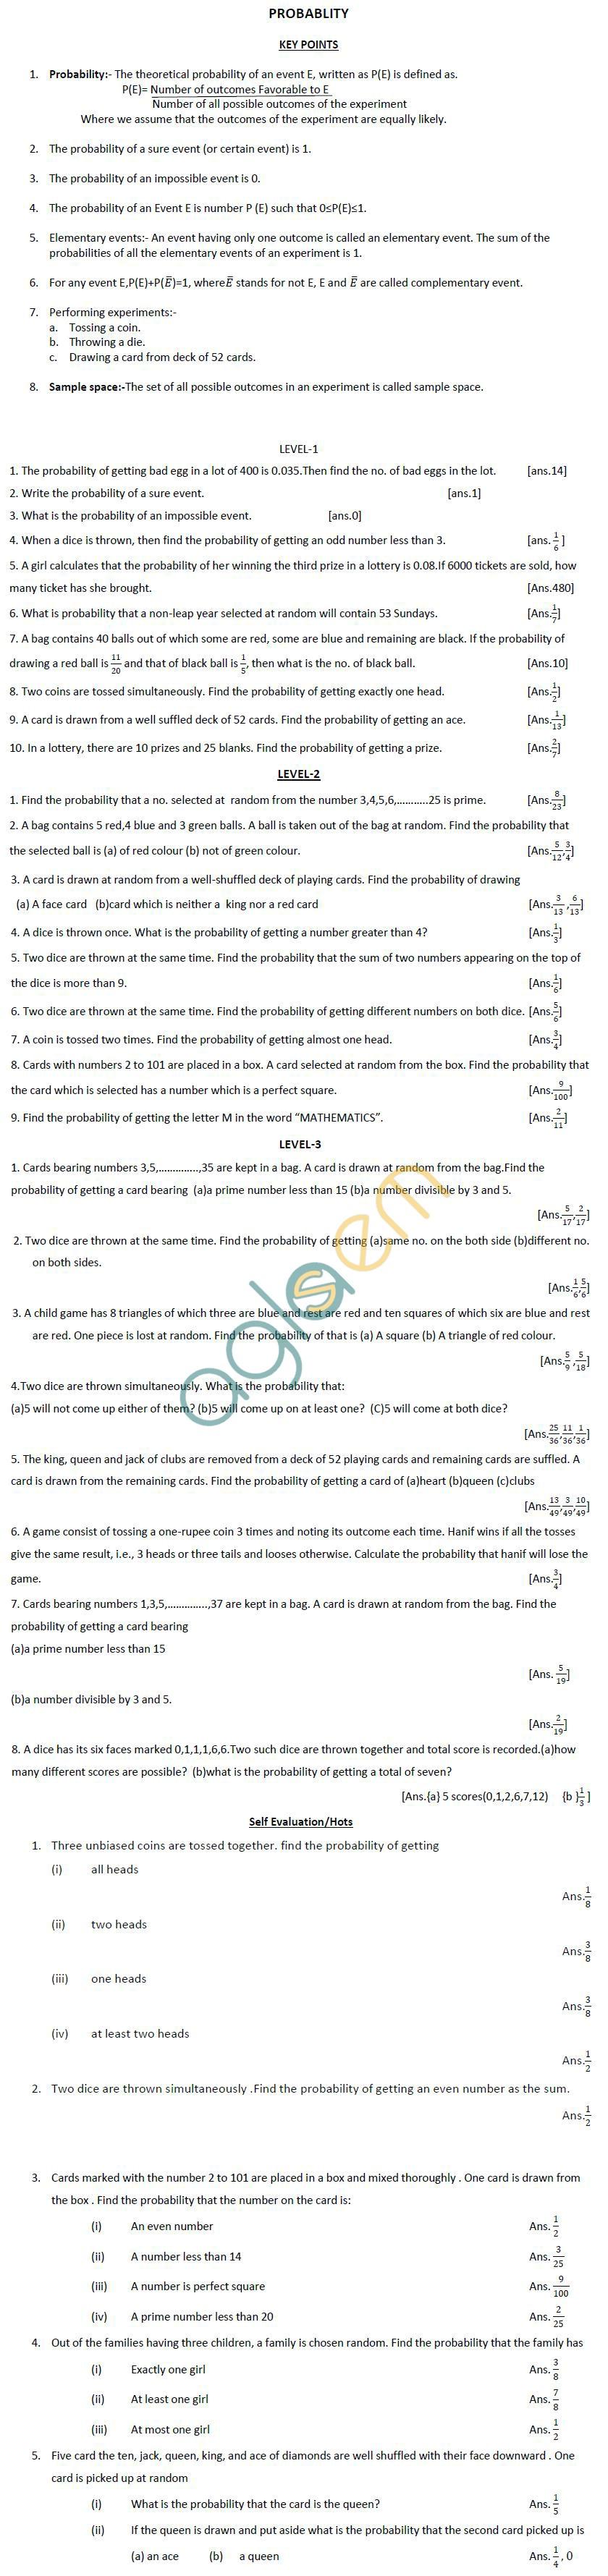 CBSE Class X: Maths - Probability